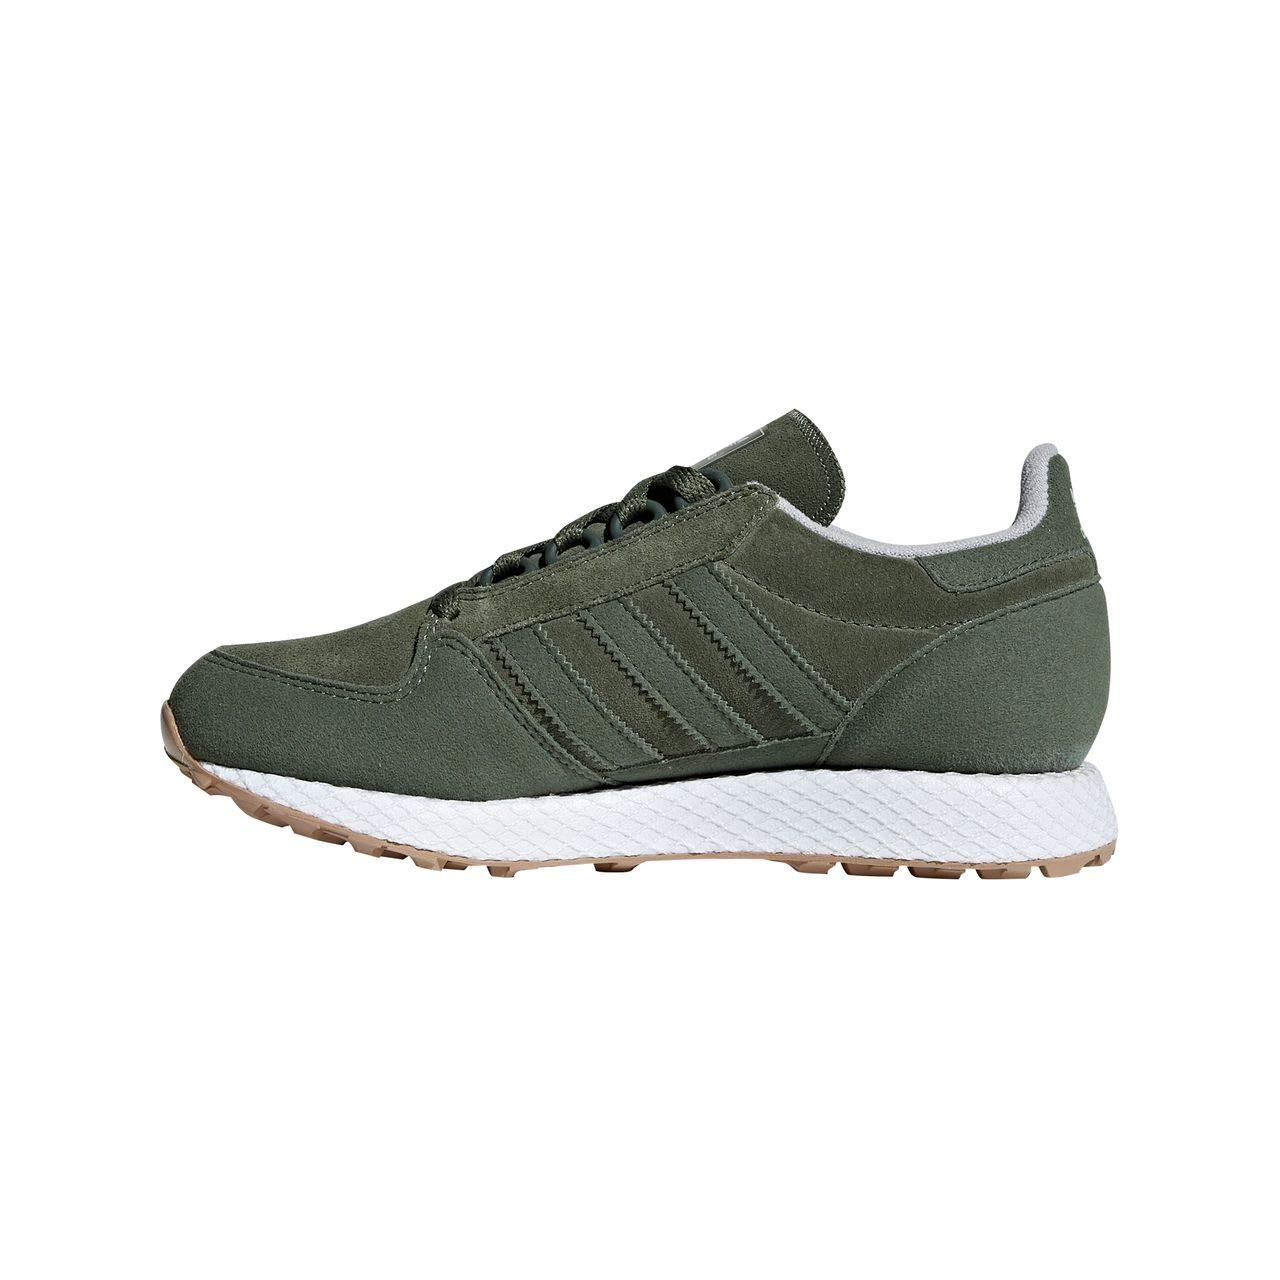 2018 Sommer Herren Schuhe Nike Airmax Kinderschuh Größe 38 5